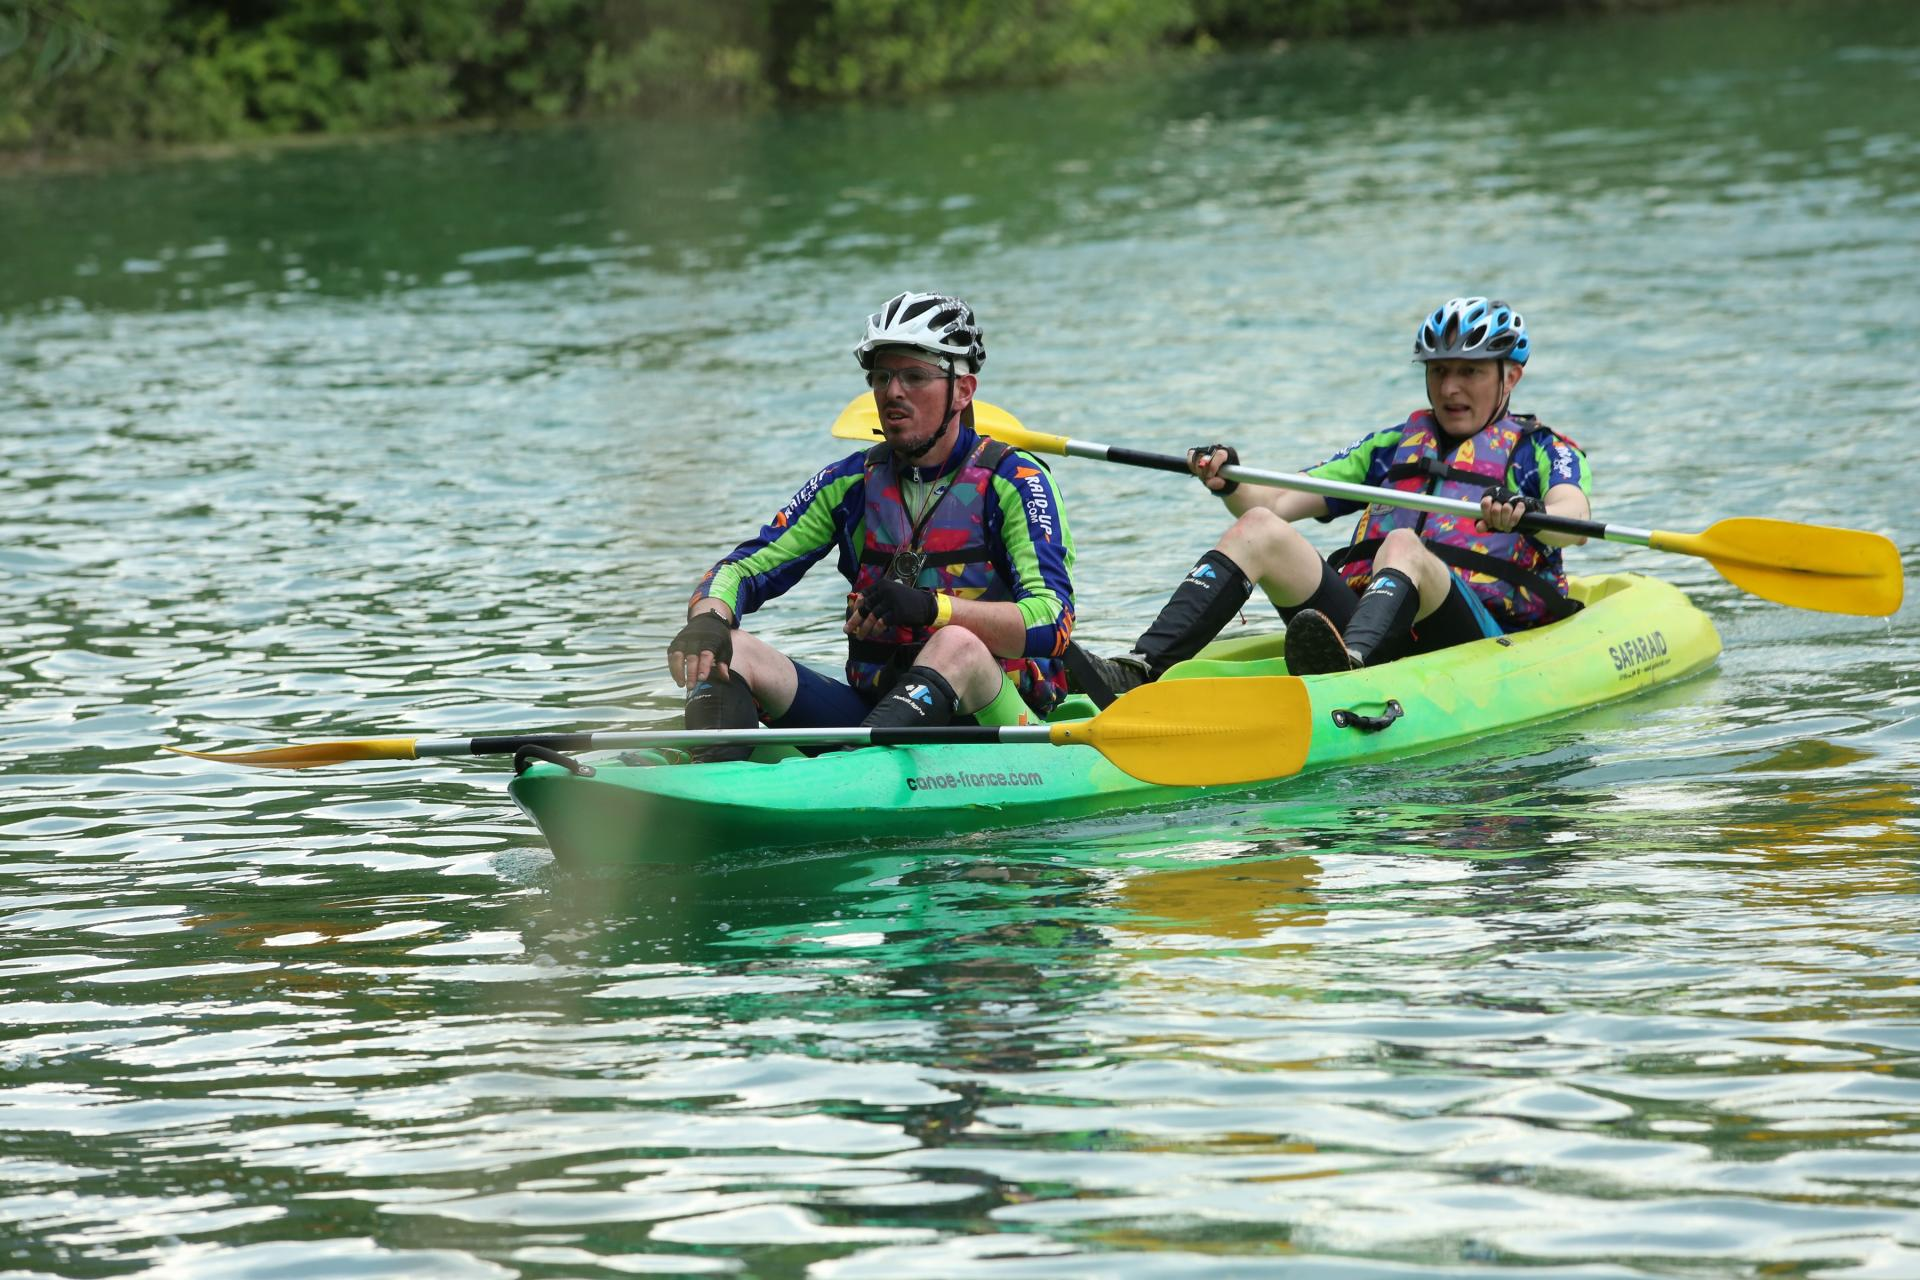 Jean-Marie et Thomas attendent en canoë avant de pointer une balise